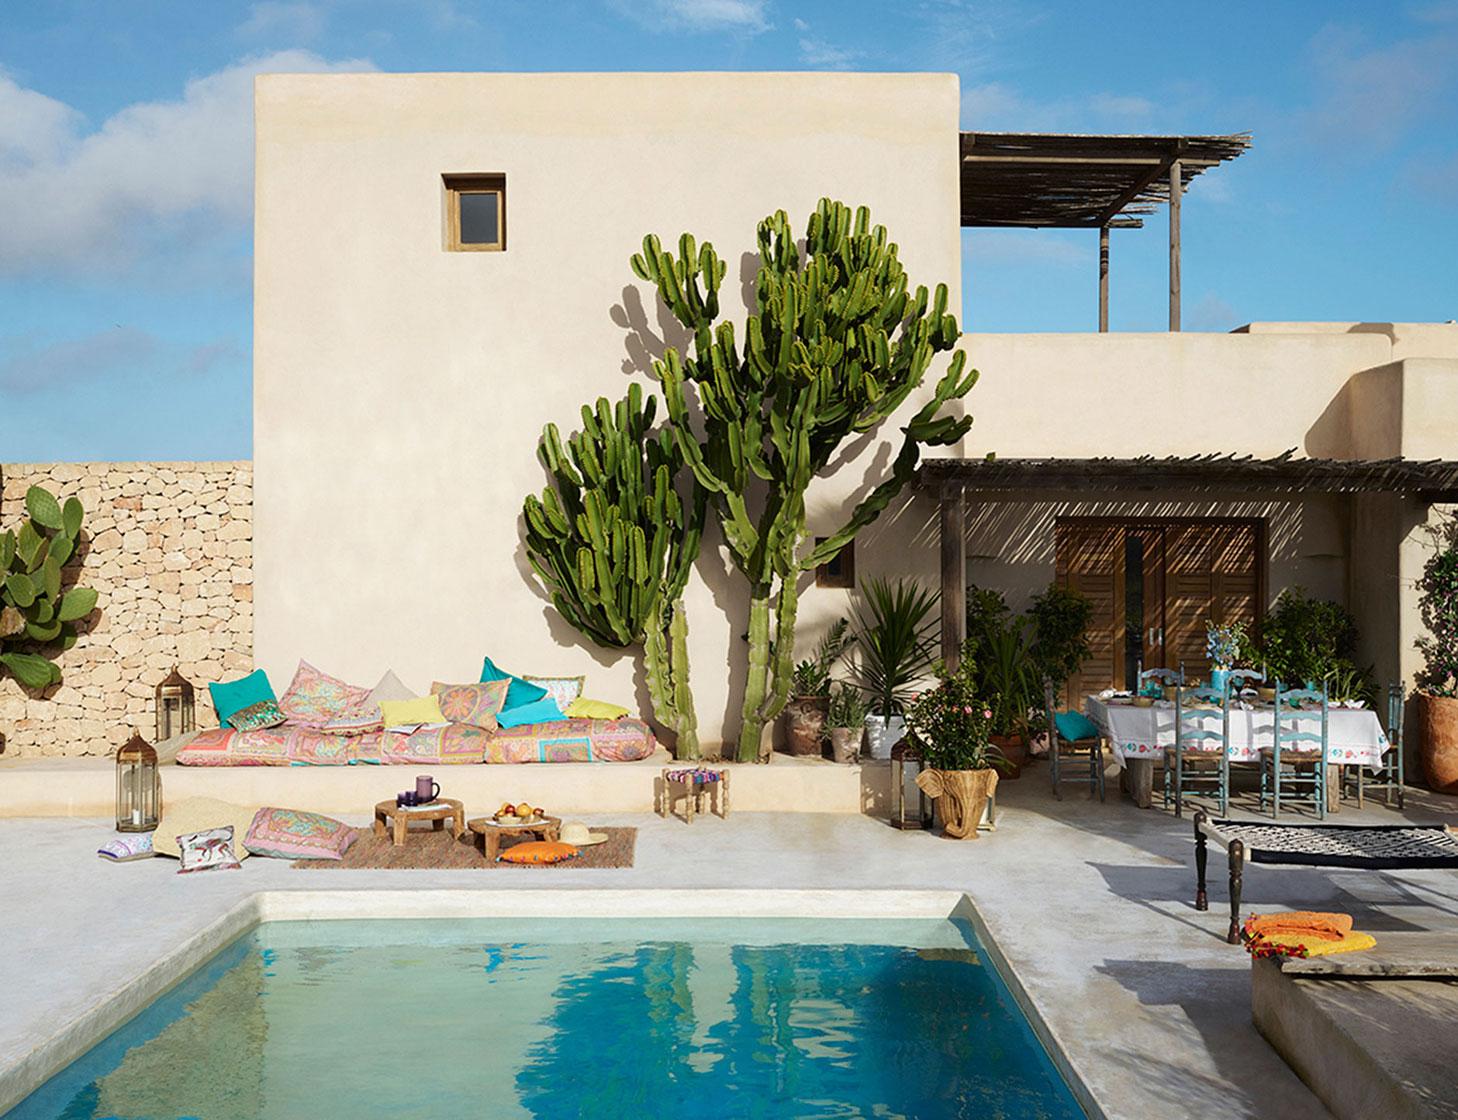 Pool house, un coin de paradis au bord de votre piscine